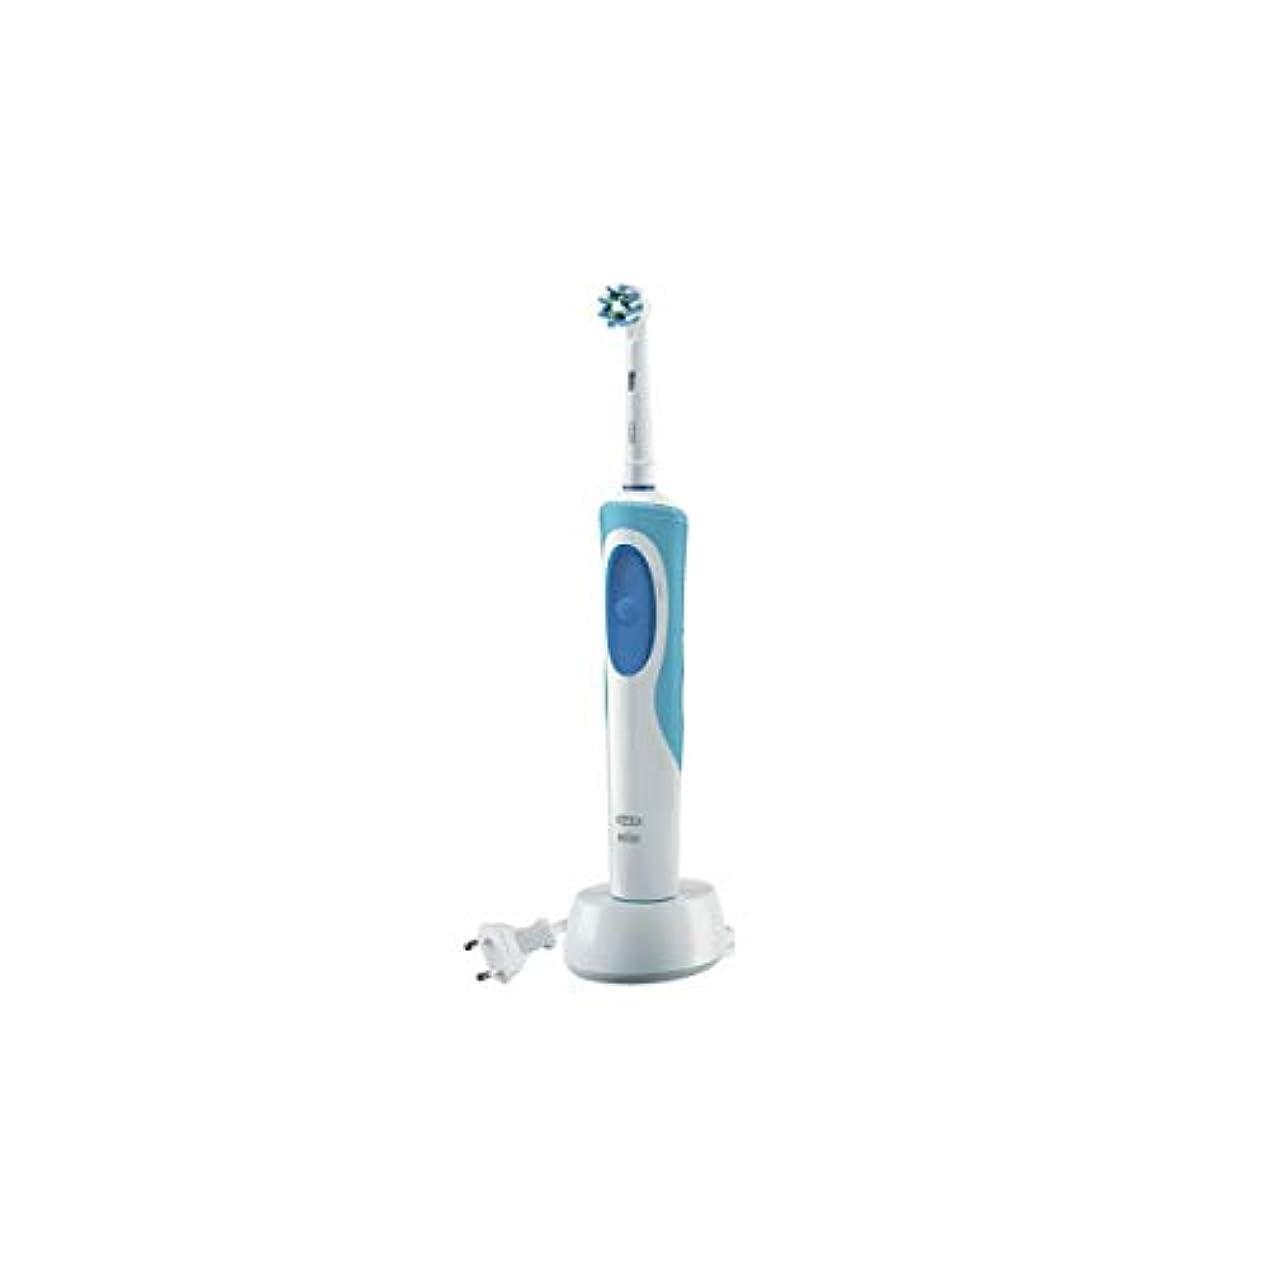 パーティー翻訳する垂直Oral B Vitality Cross Action Electric Toothbrush [並行輸入品]